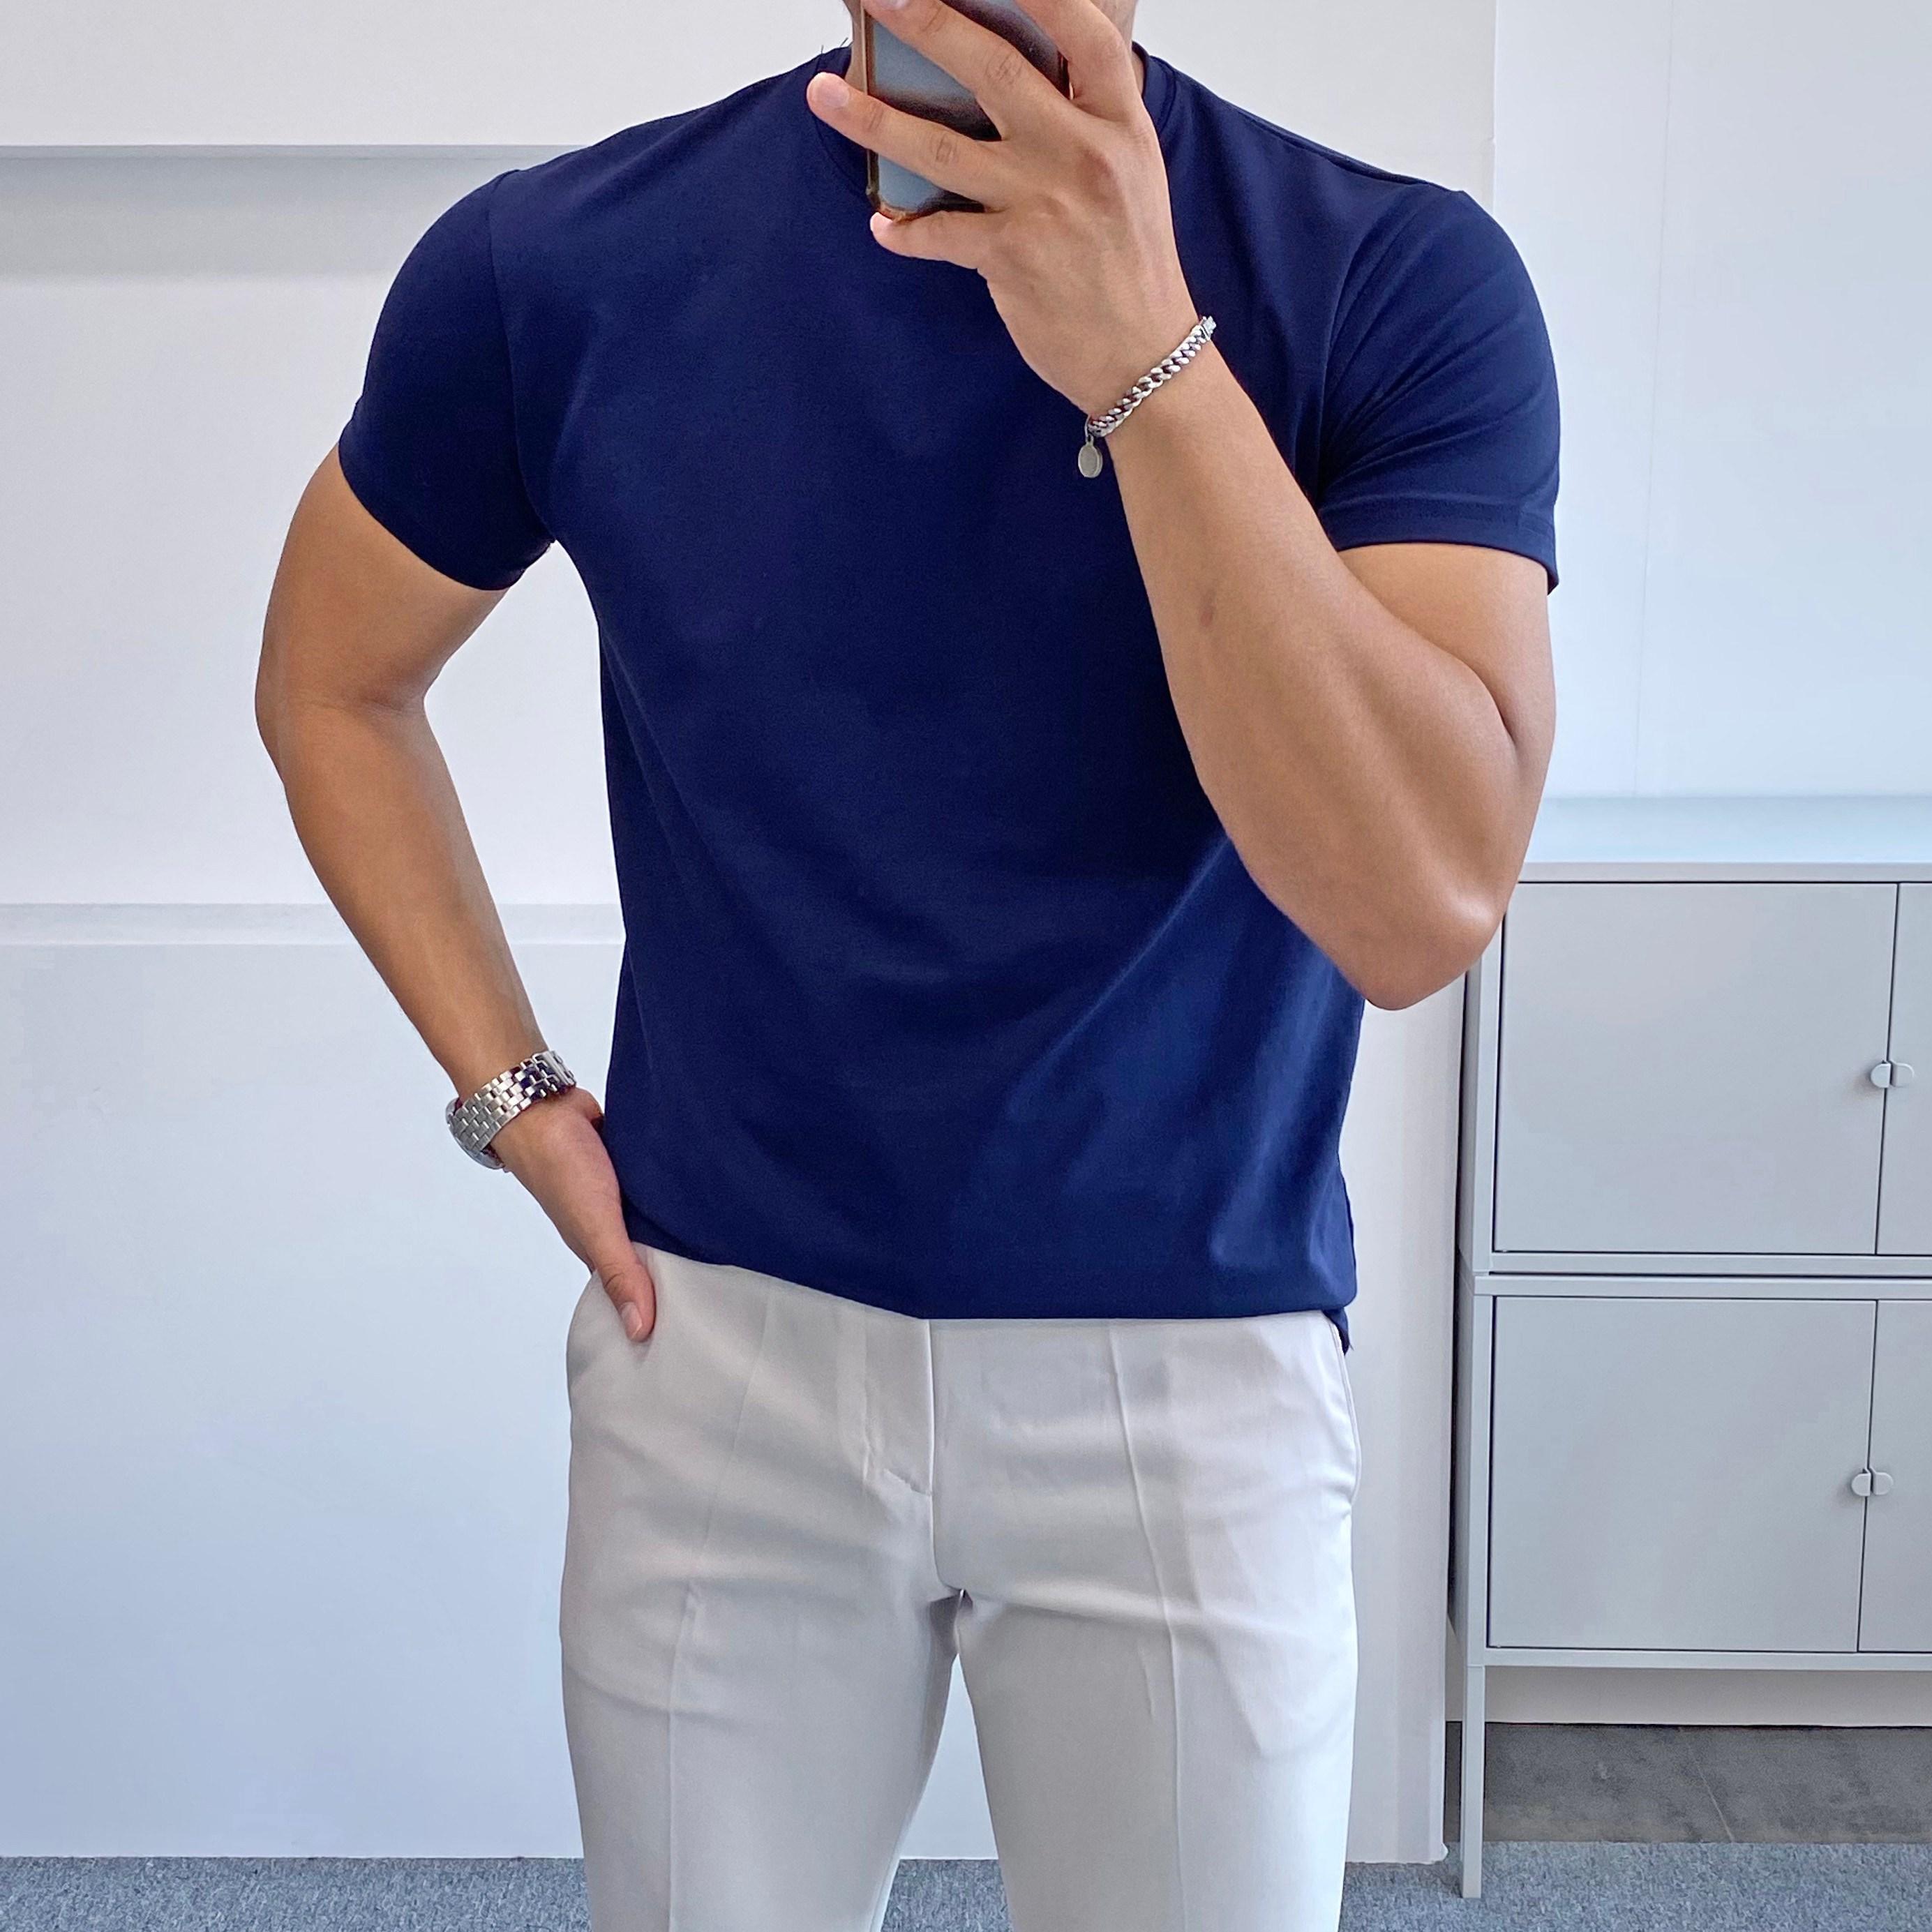 간빠레 쿨링 탄탄 머슬핏 남자 반팔 티셔츠